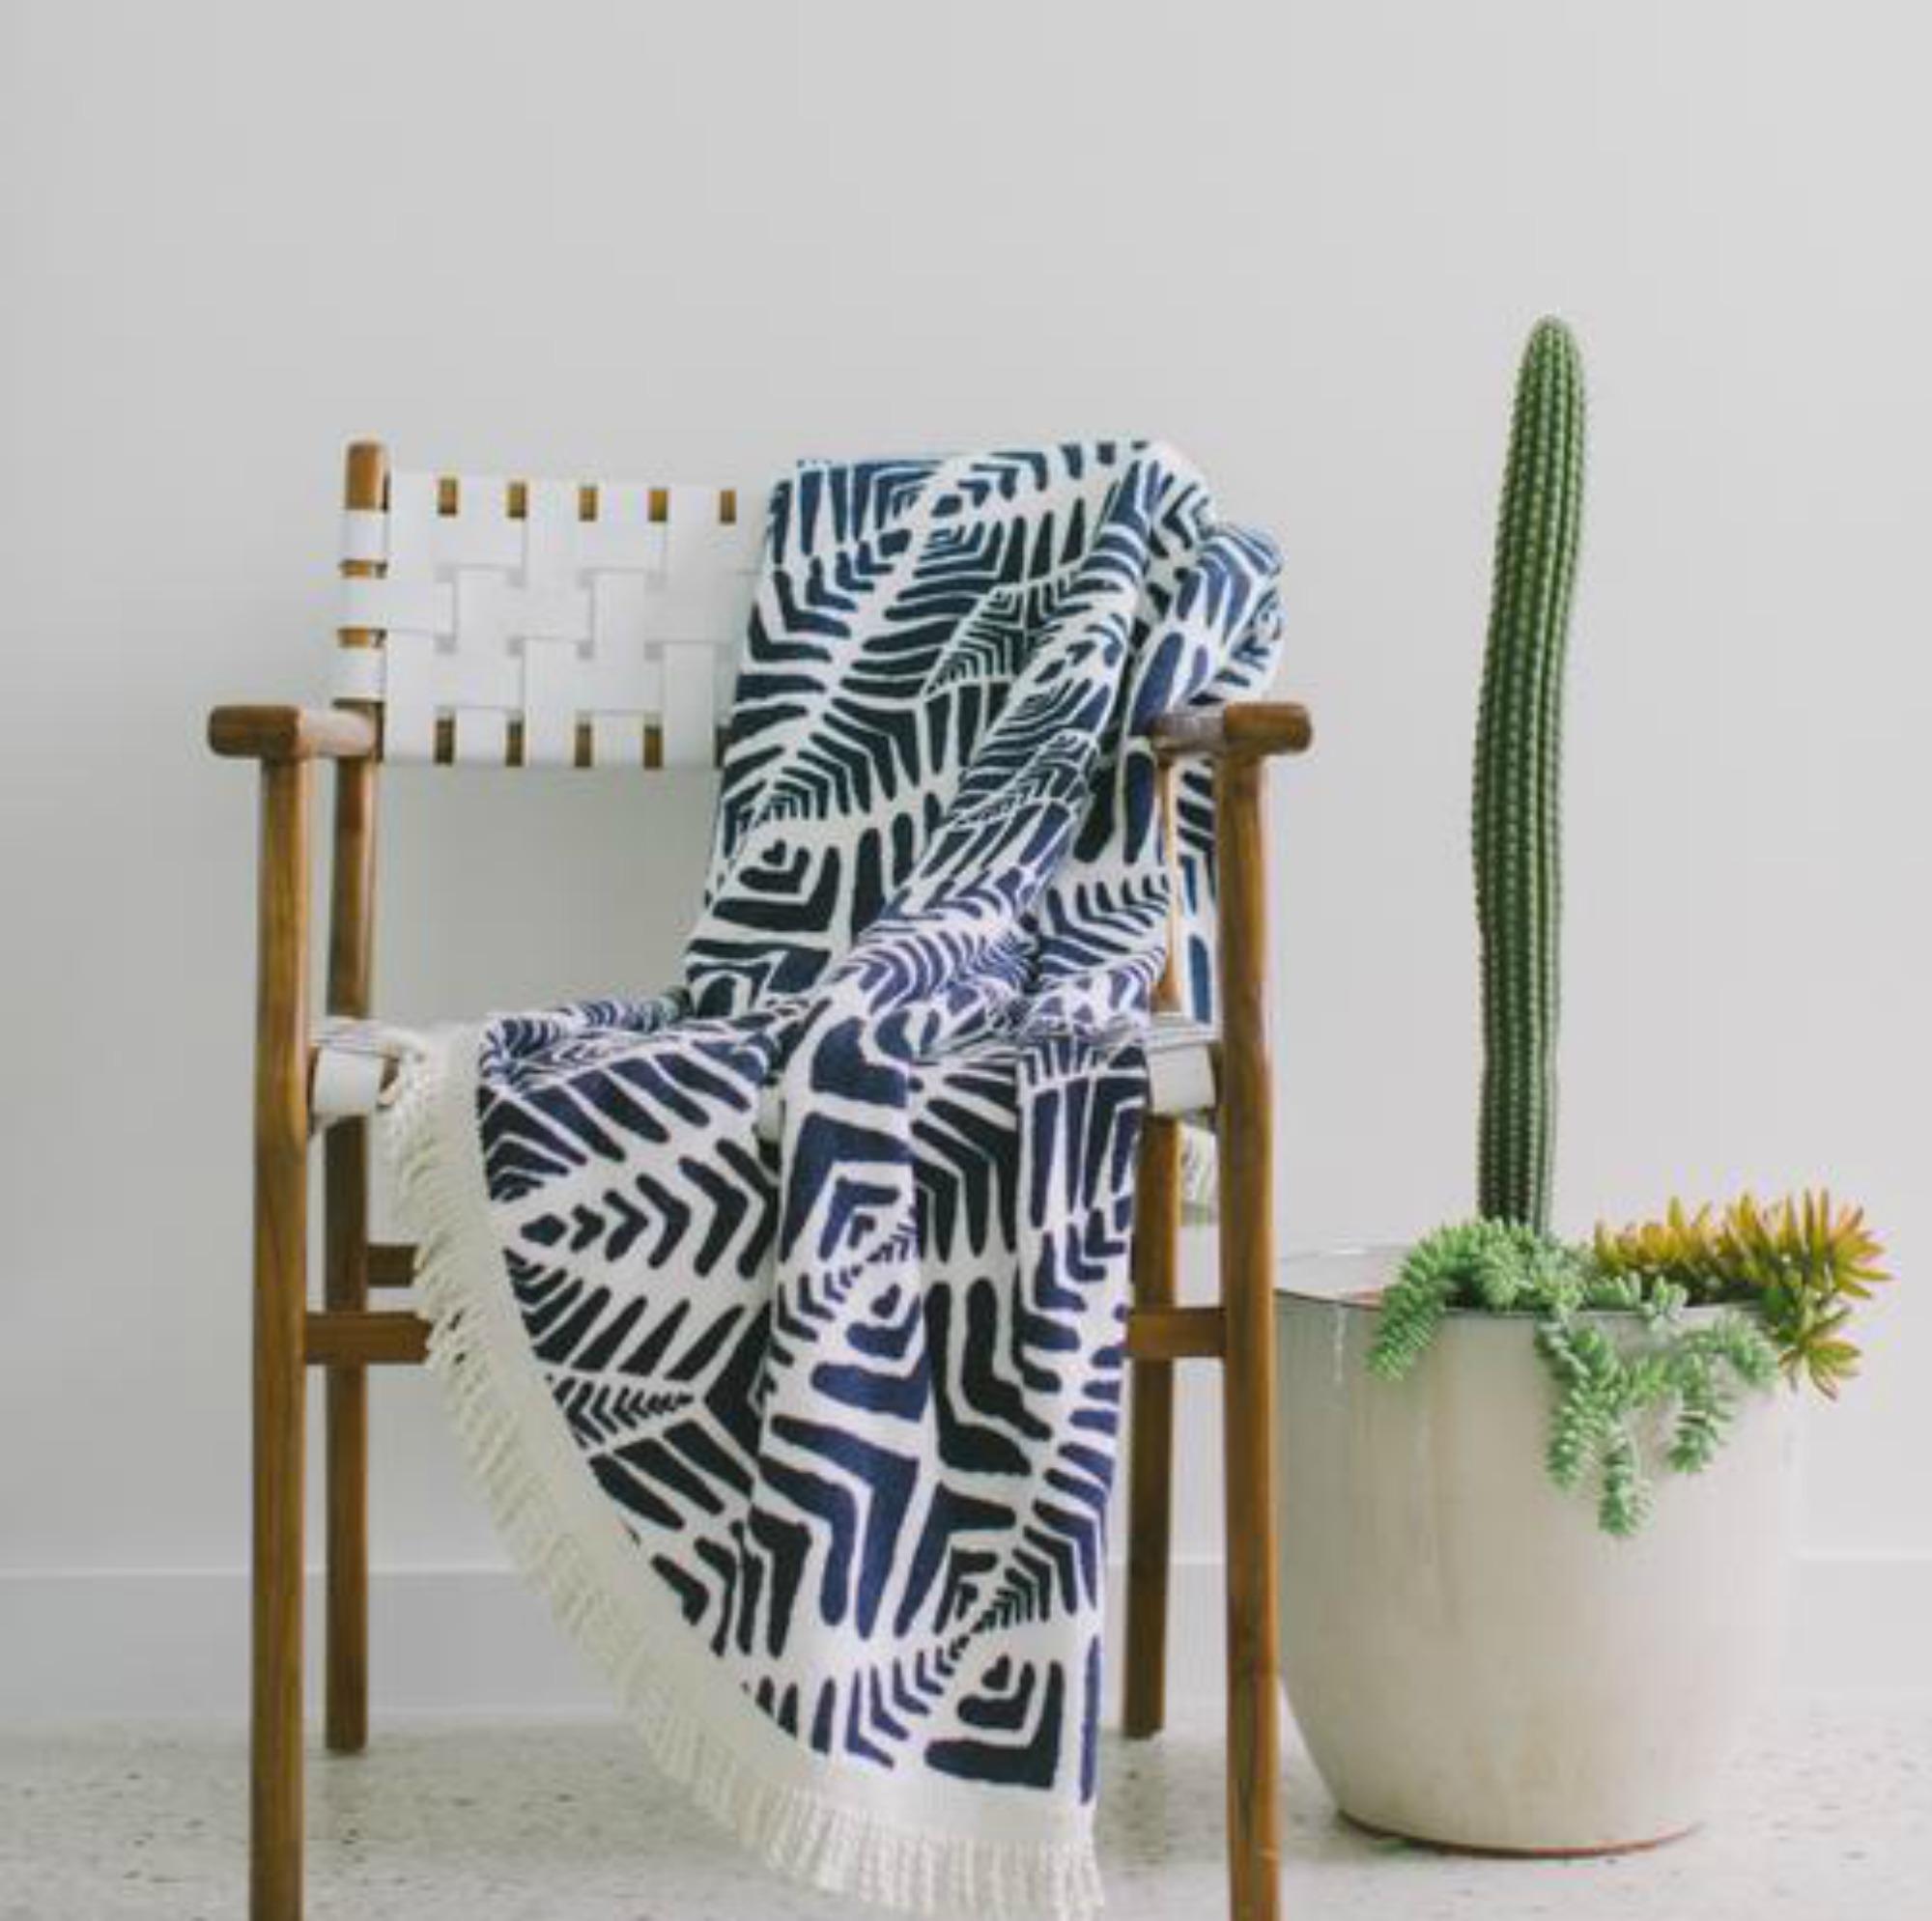 Η στρογγυλή πετσέτα χρησιμοποιείται από πολύ κόσμο και μέσα στο σπίτι ως διακοσμητικό ριχτάρι κυρίως σε εξοχικά σπίτια.